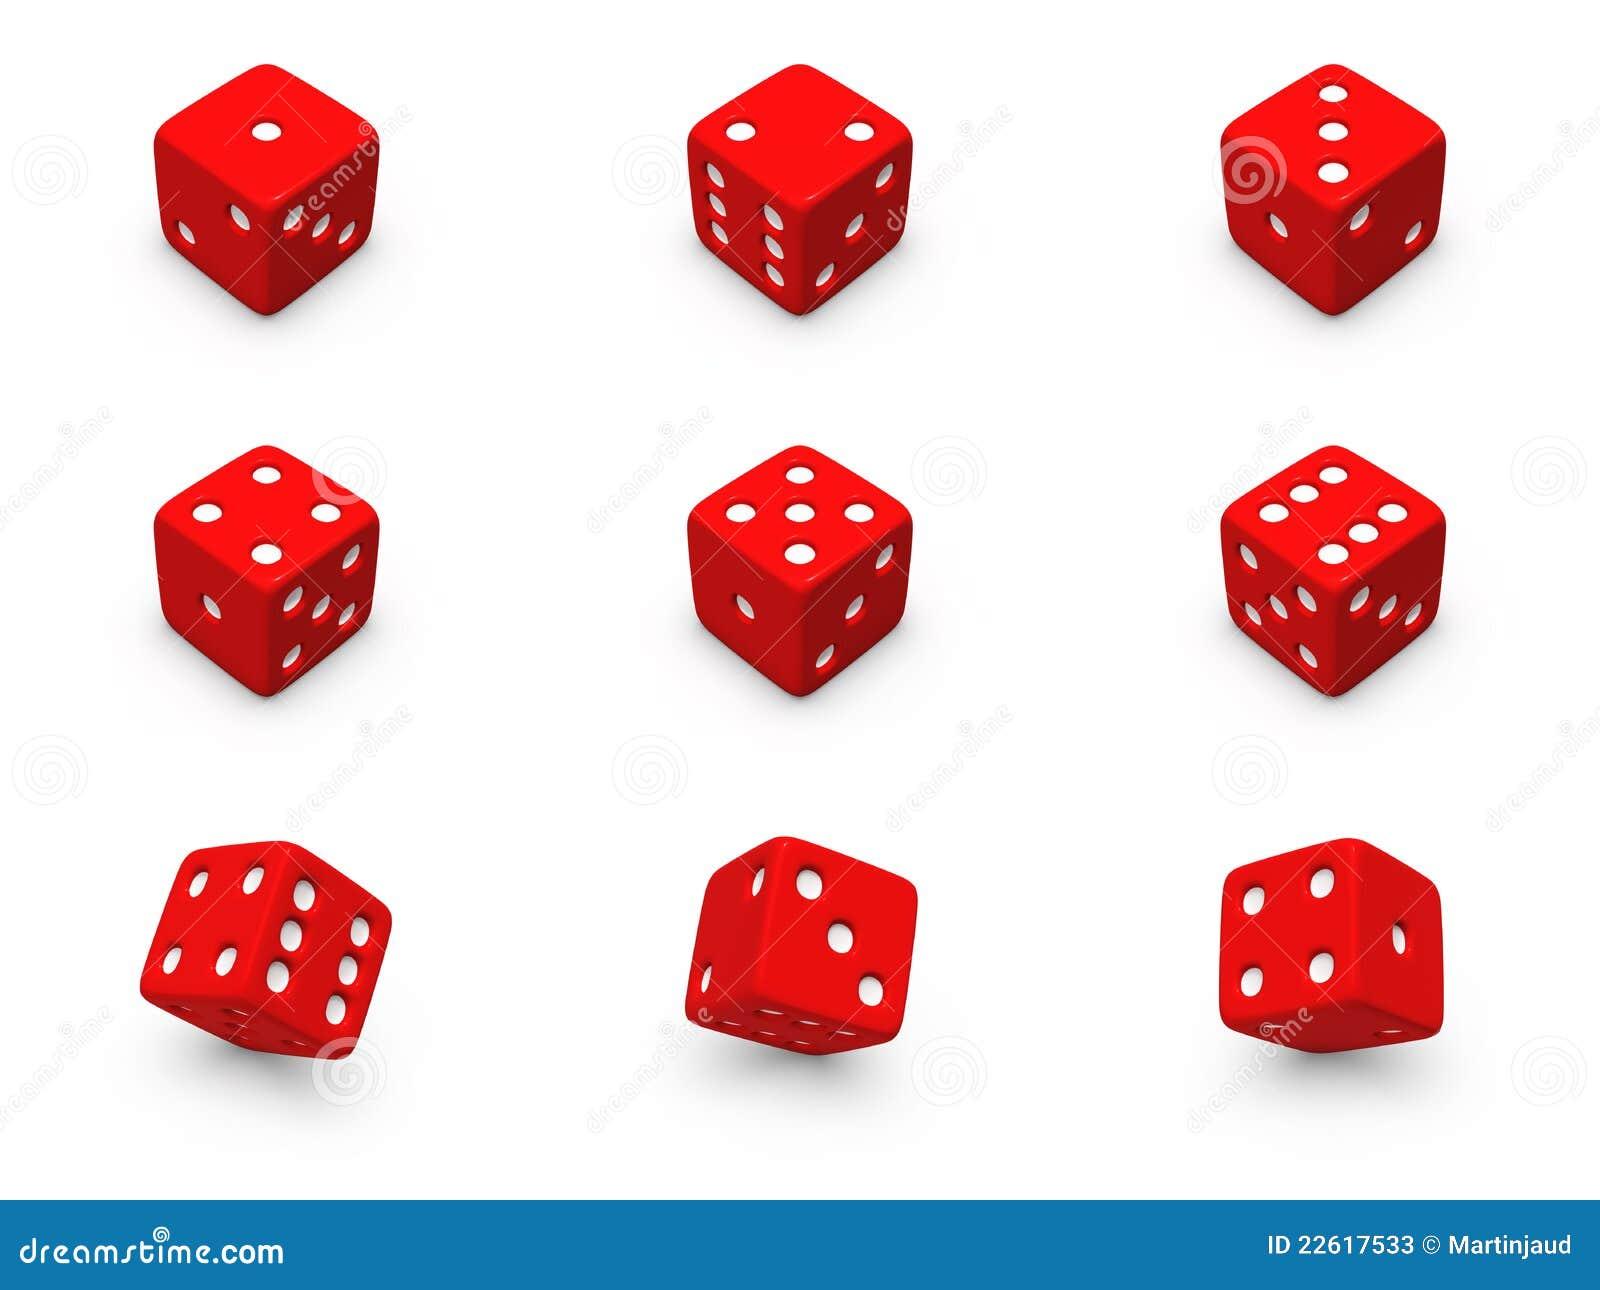 Play for fun casino 11